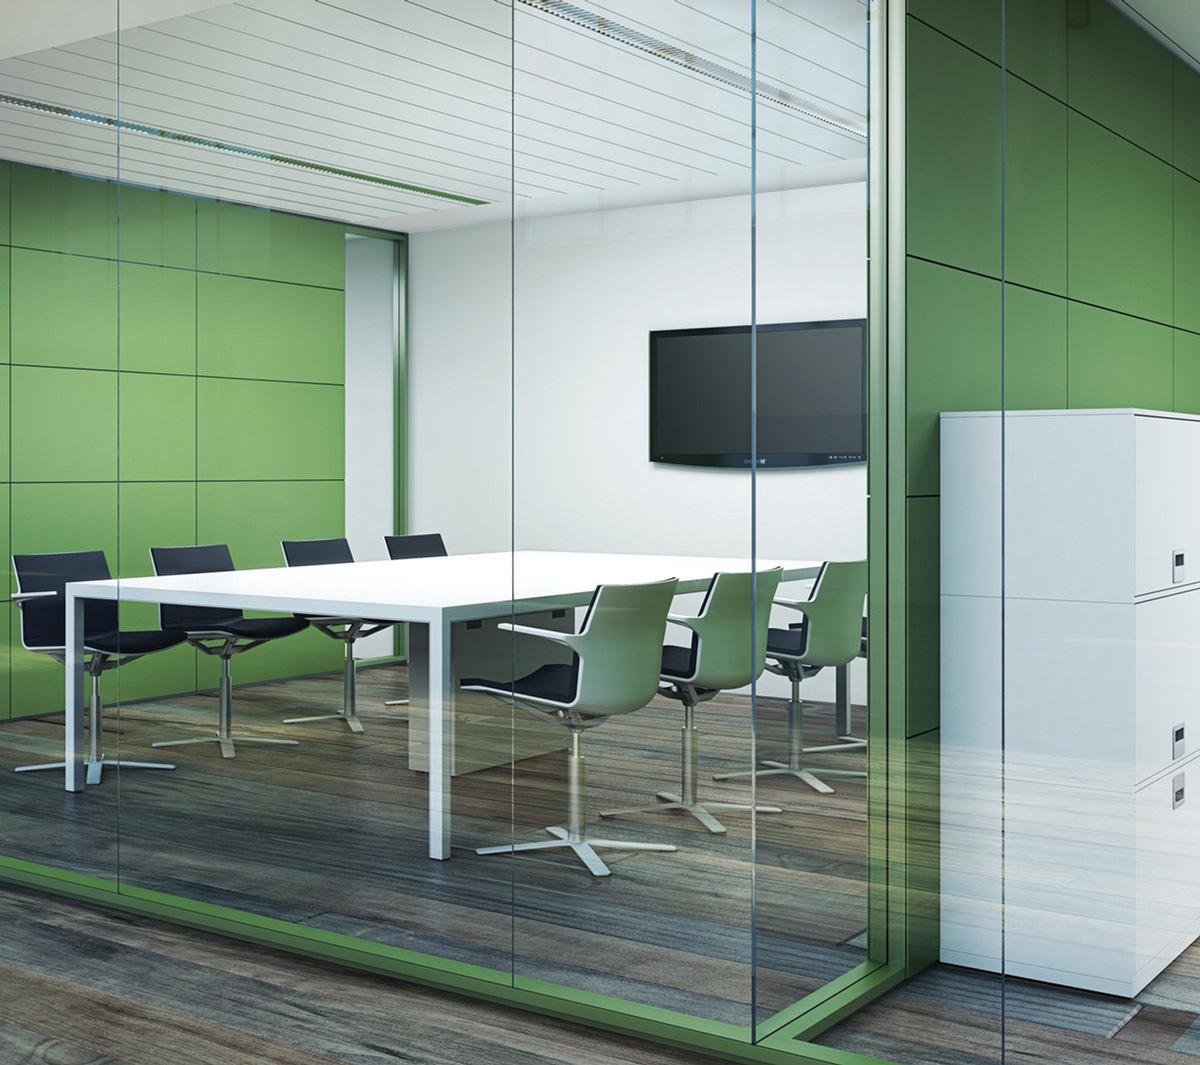 oficinas mamparasycompartimentacion 1 - oficinas